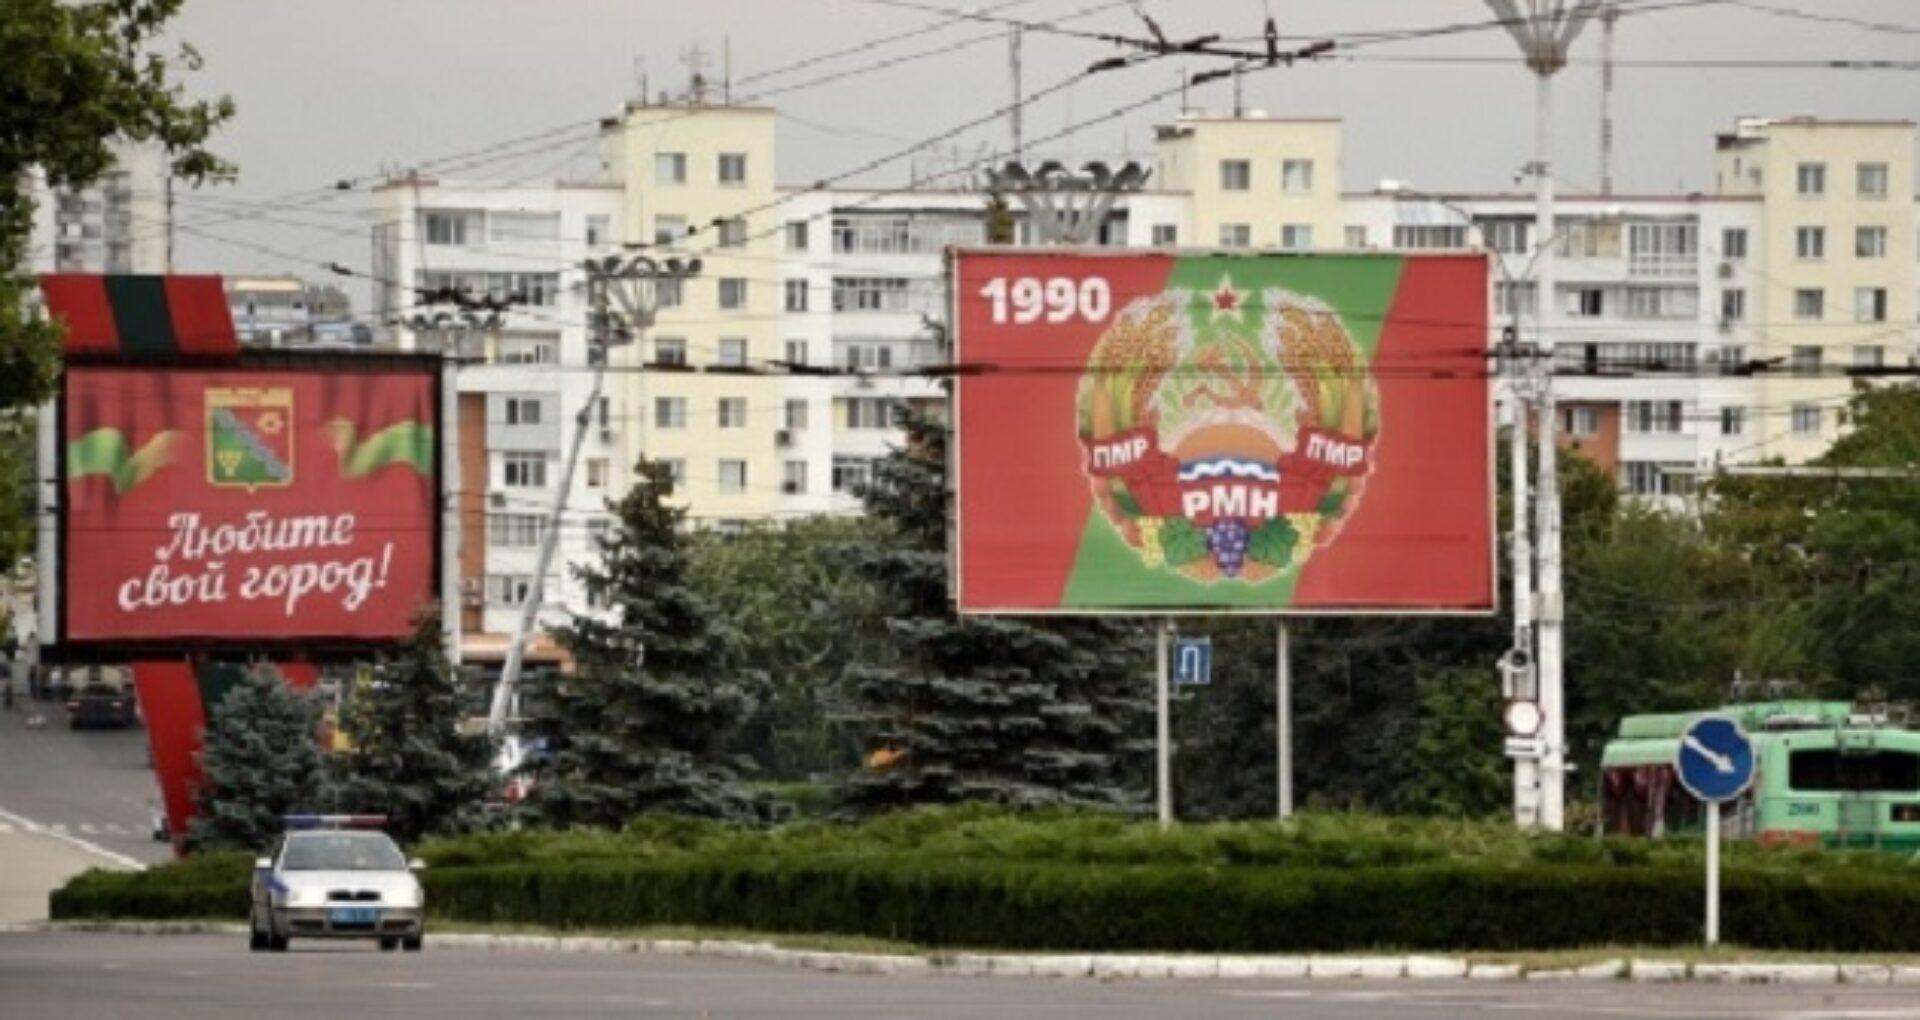 Conducerea unei localități de pe malul Nistrului a respins propunerea CEC de deschidere a 2 secții de votare în regiunea transnistreană. Anunțul unui vicepreședinte al Parlamentului